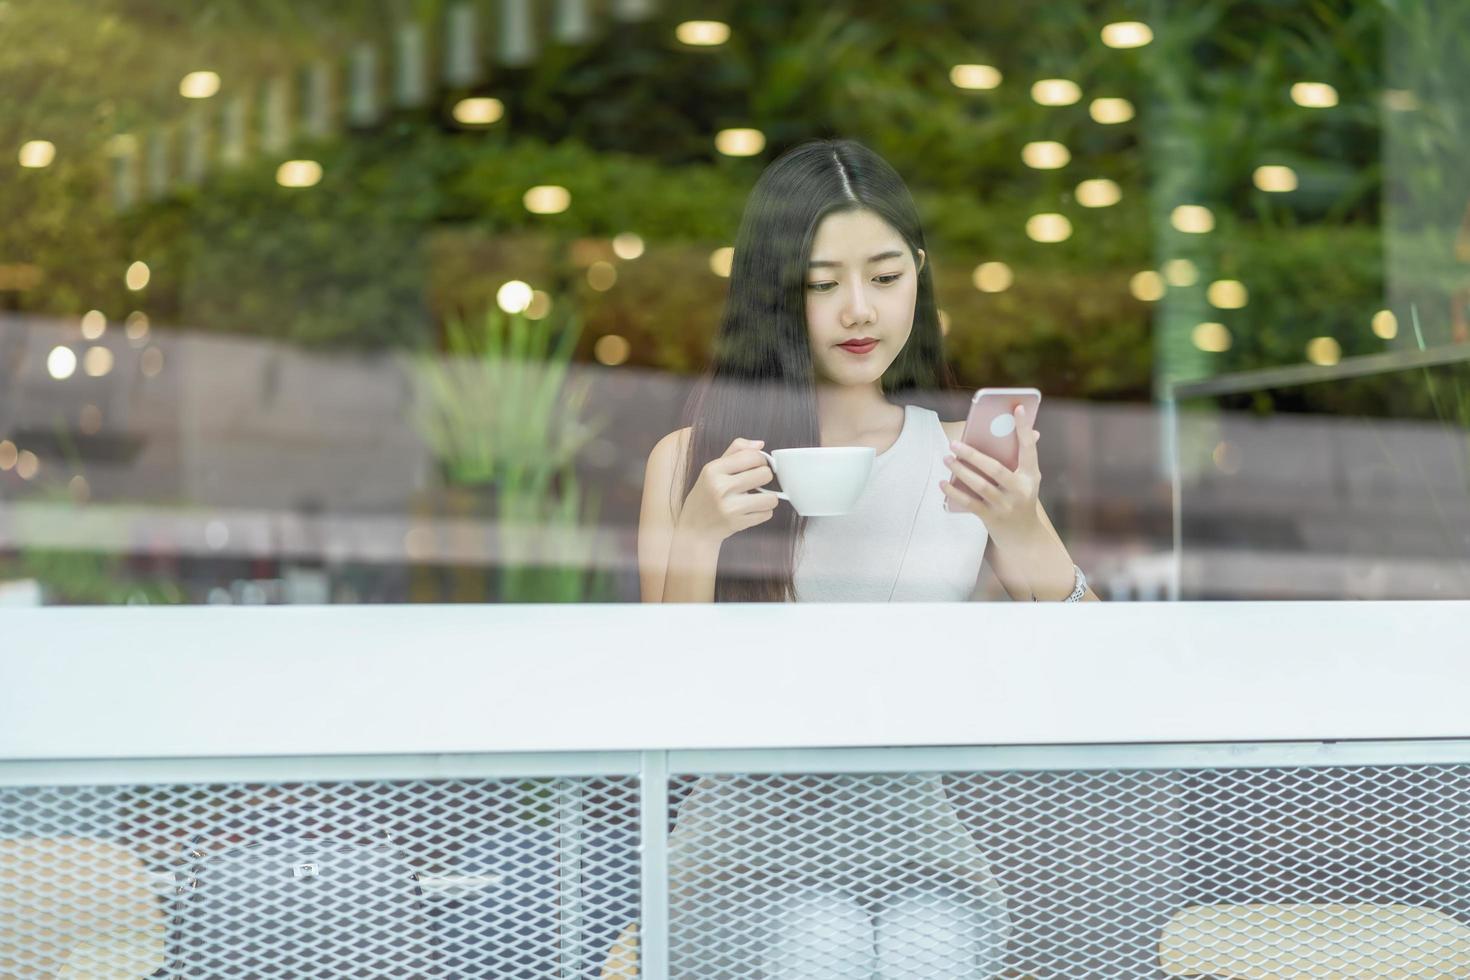 eine junge asiatische Frau, die in einem Café arbeitet foto